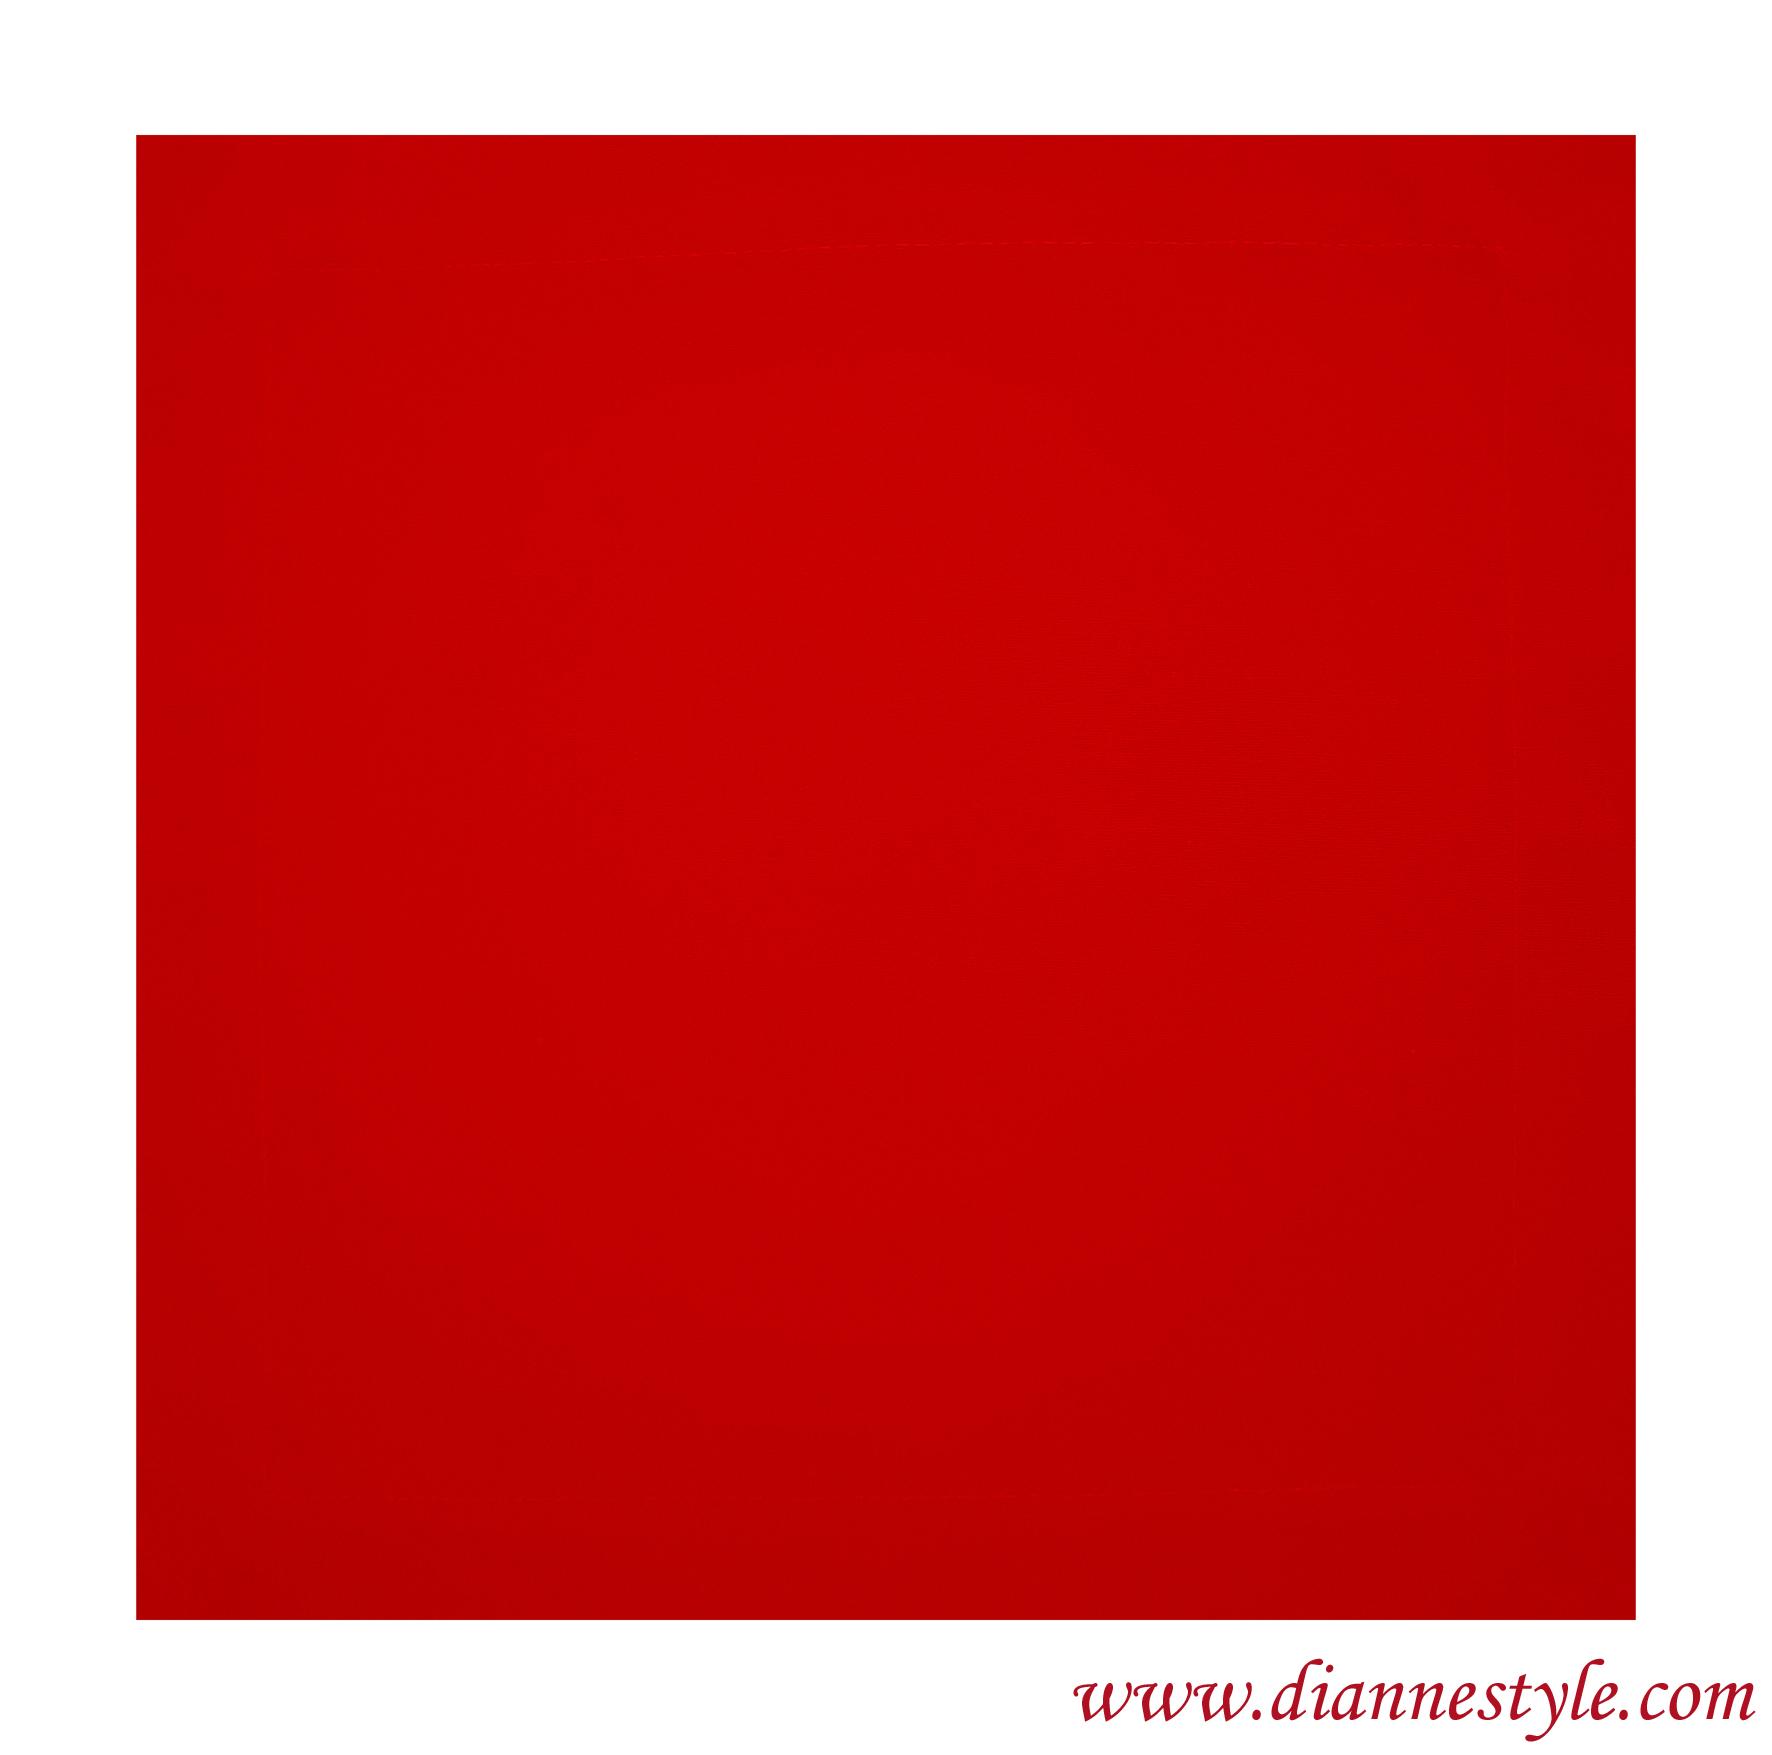 Serviette de table rouge. 40x40 cm. Réf. 275